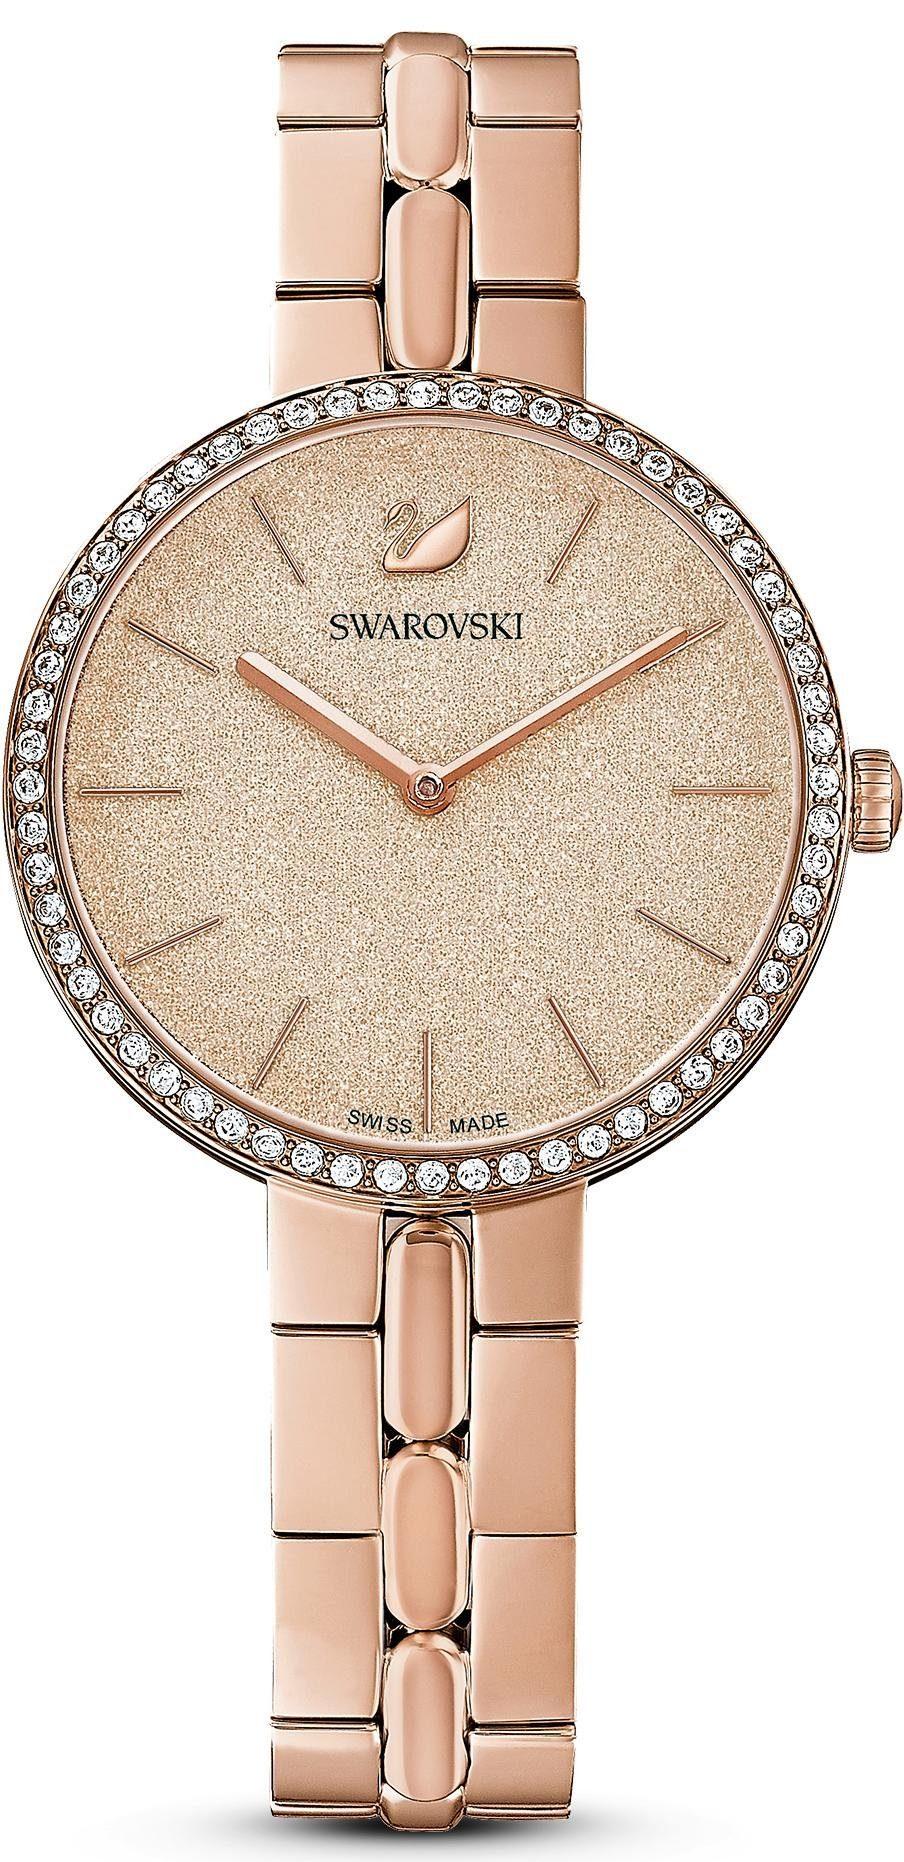 Swarovski Schweizer Uhr COSMOPOLITAN, 5517800   Uhren > Schweizer Uhren   Swarovski